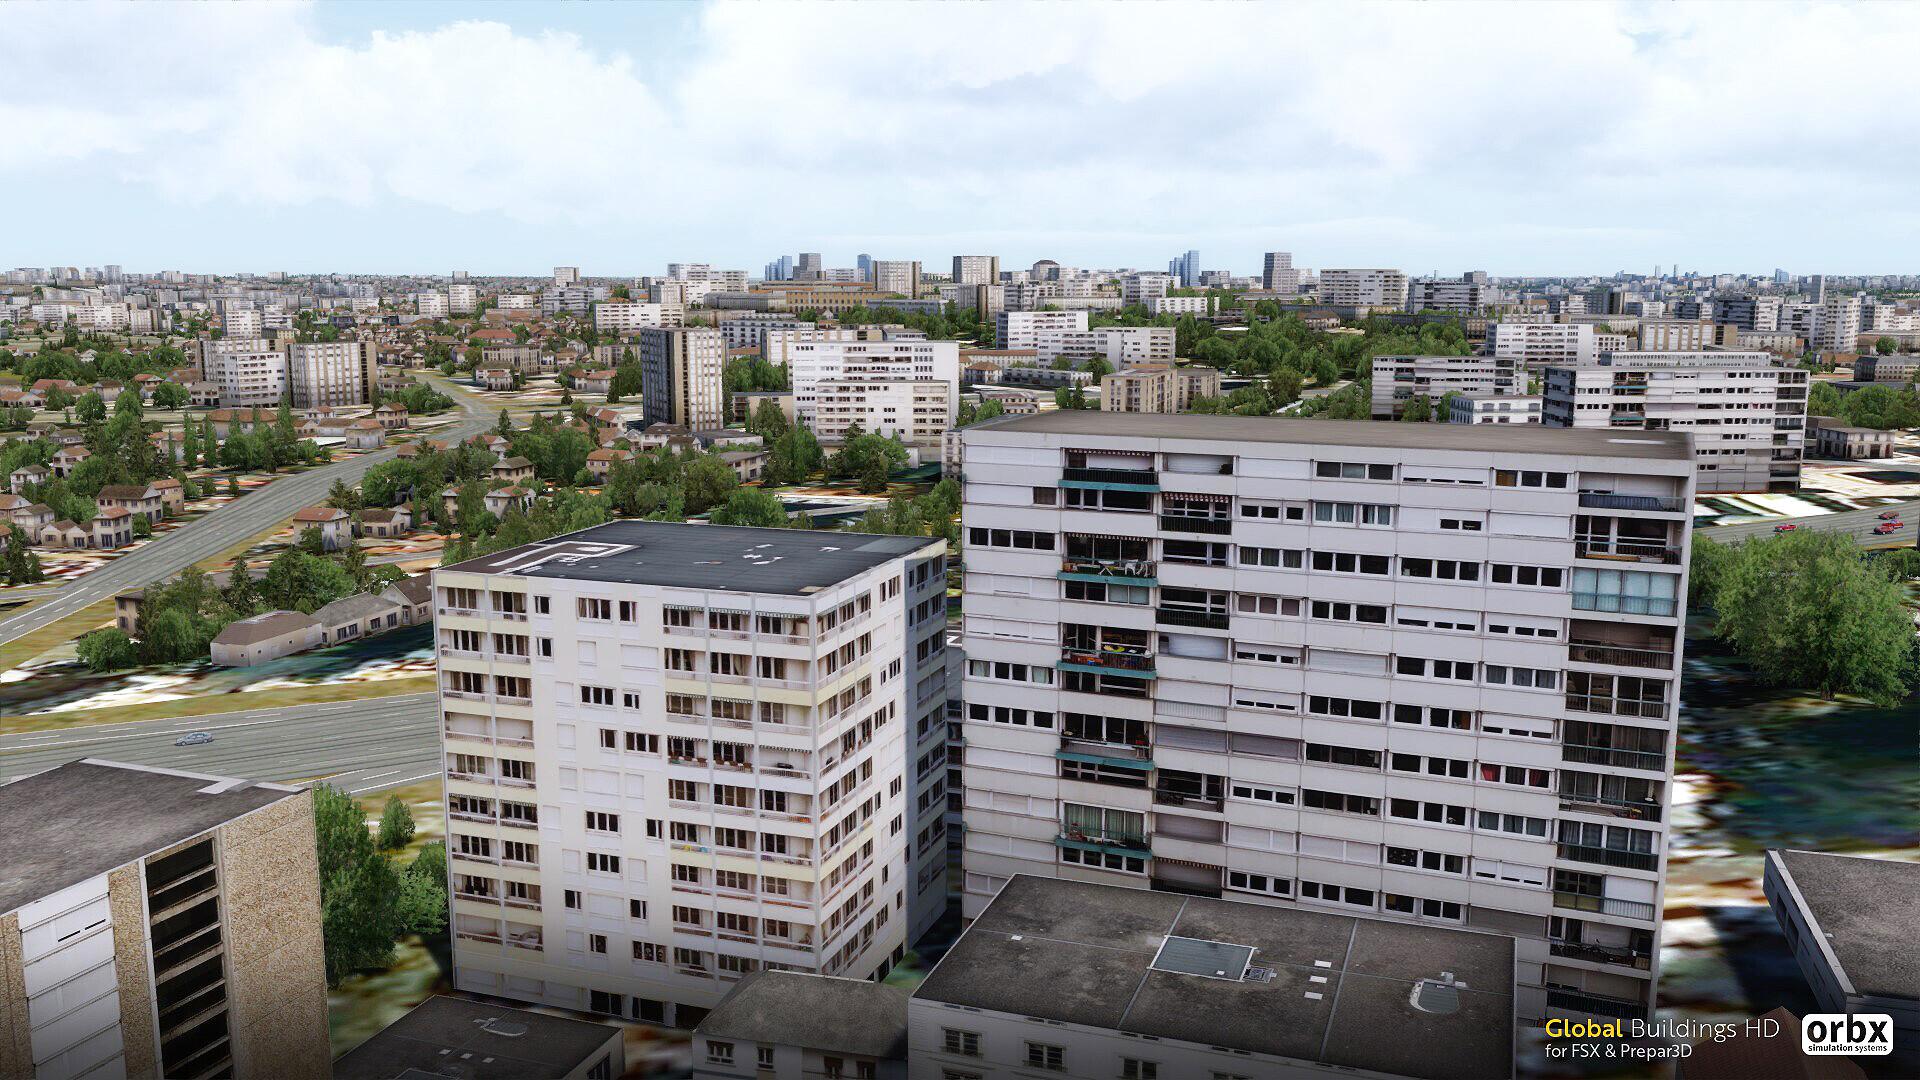 Global Buildings HD